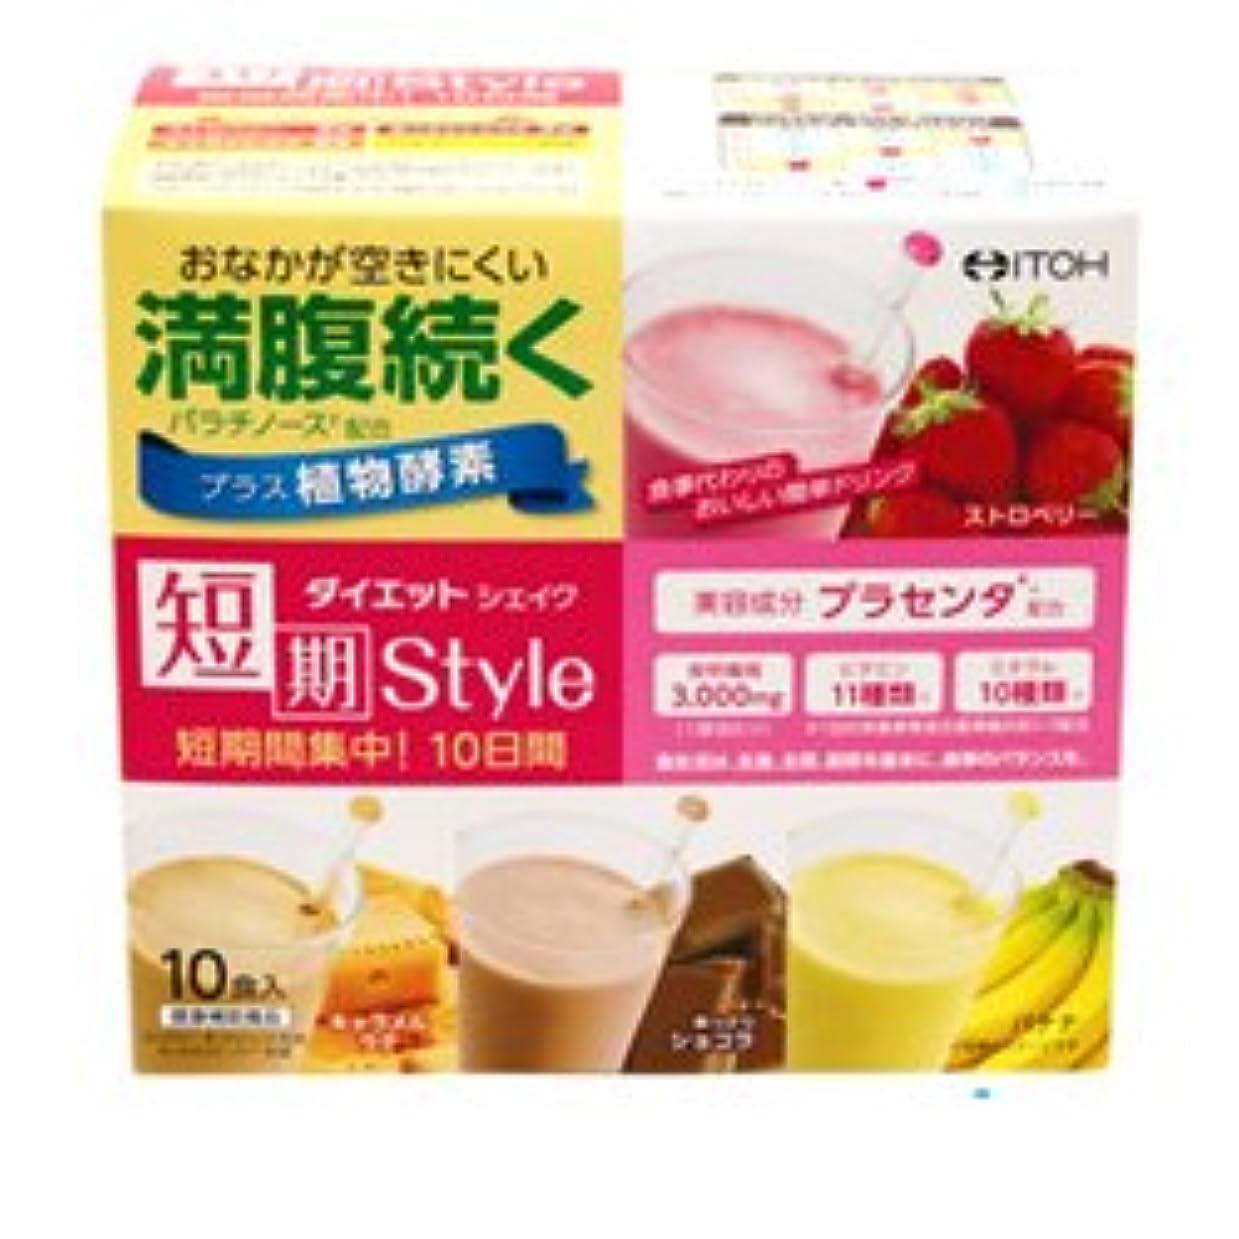 芽ピストン土砂降り【井藤漢方製薬】短期スタイル ダイエットシェイク 10包 ×3個セット